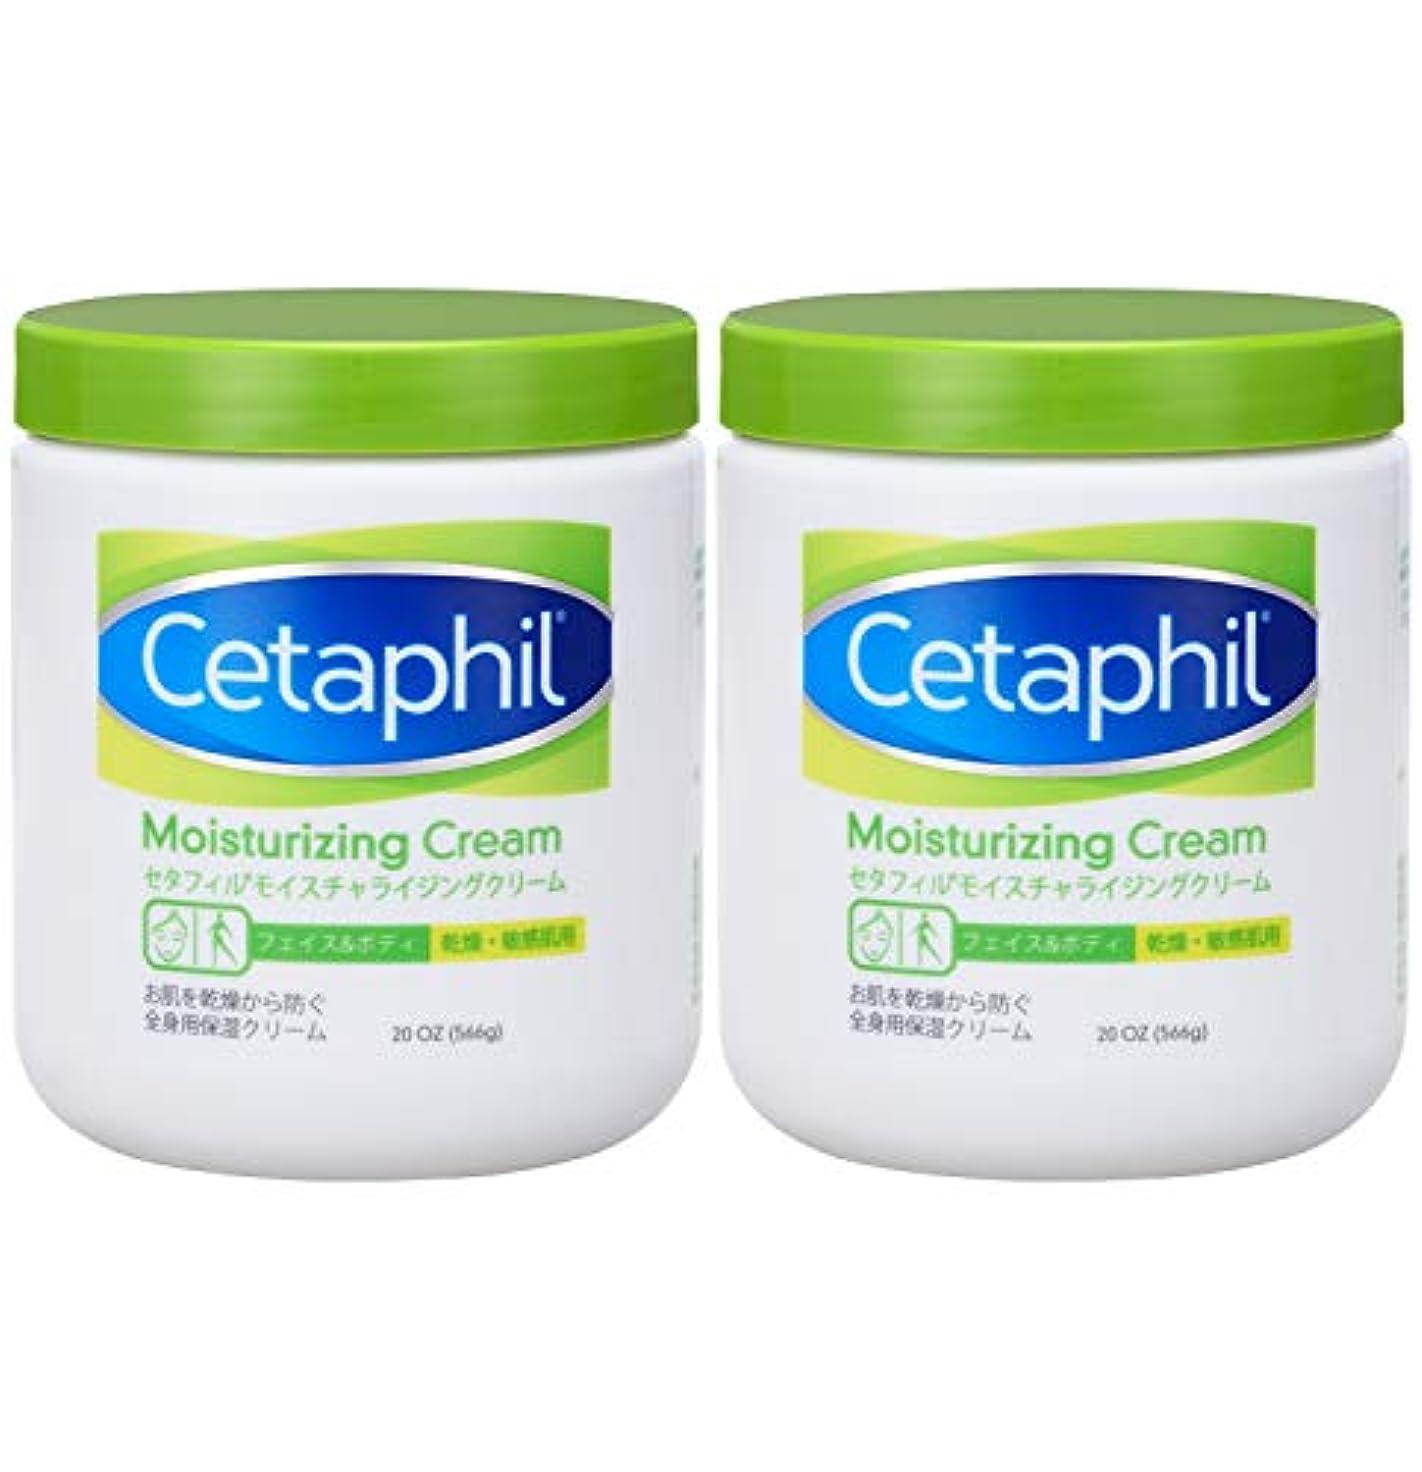 大いに出費ランドマークセタフィル Cetaphil ® モイスチャライジングクリーム 566ml 2本組 ( フェイス & ボディ 保湿クリーム クリーム )